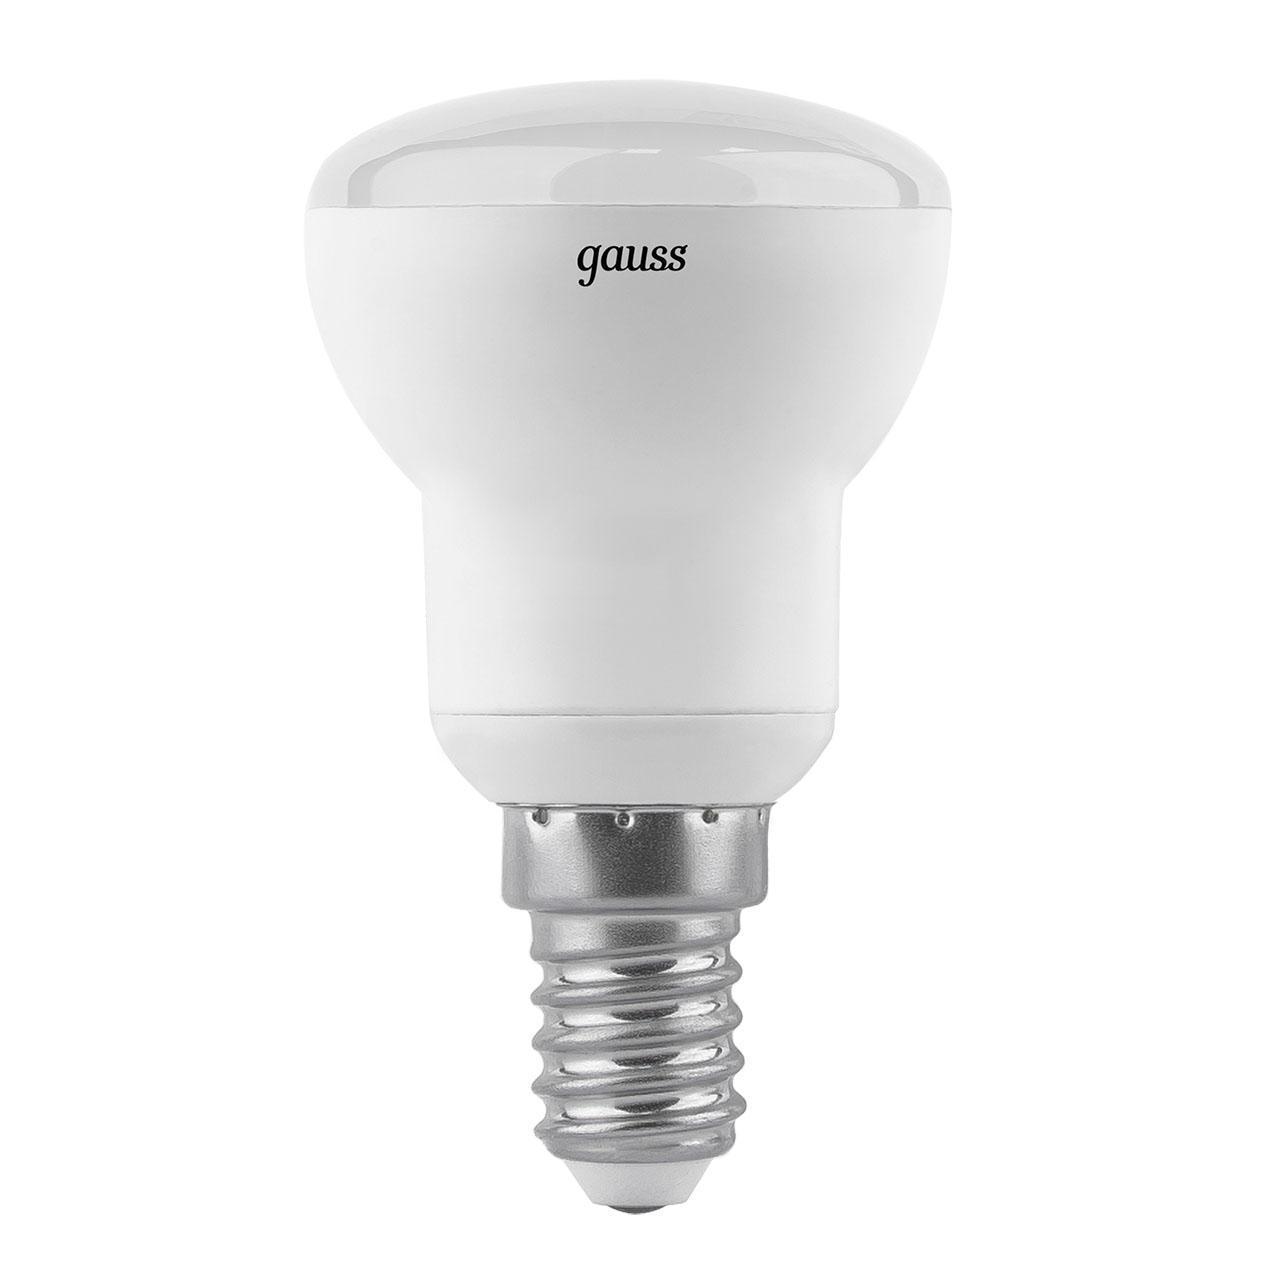 Лампа светодиодная рефлекторная E14 4W 4100K матовая 106001204 goodeck лампа светодиодная goodeck рефлекторная матовая gu10 5 5w 4100k gl1007024206